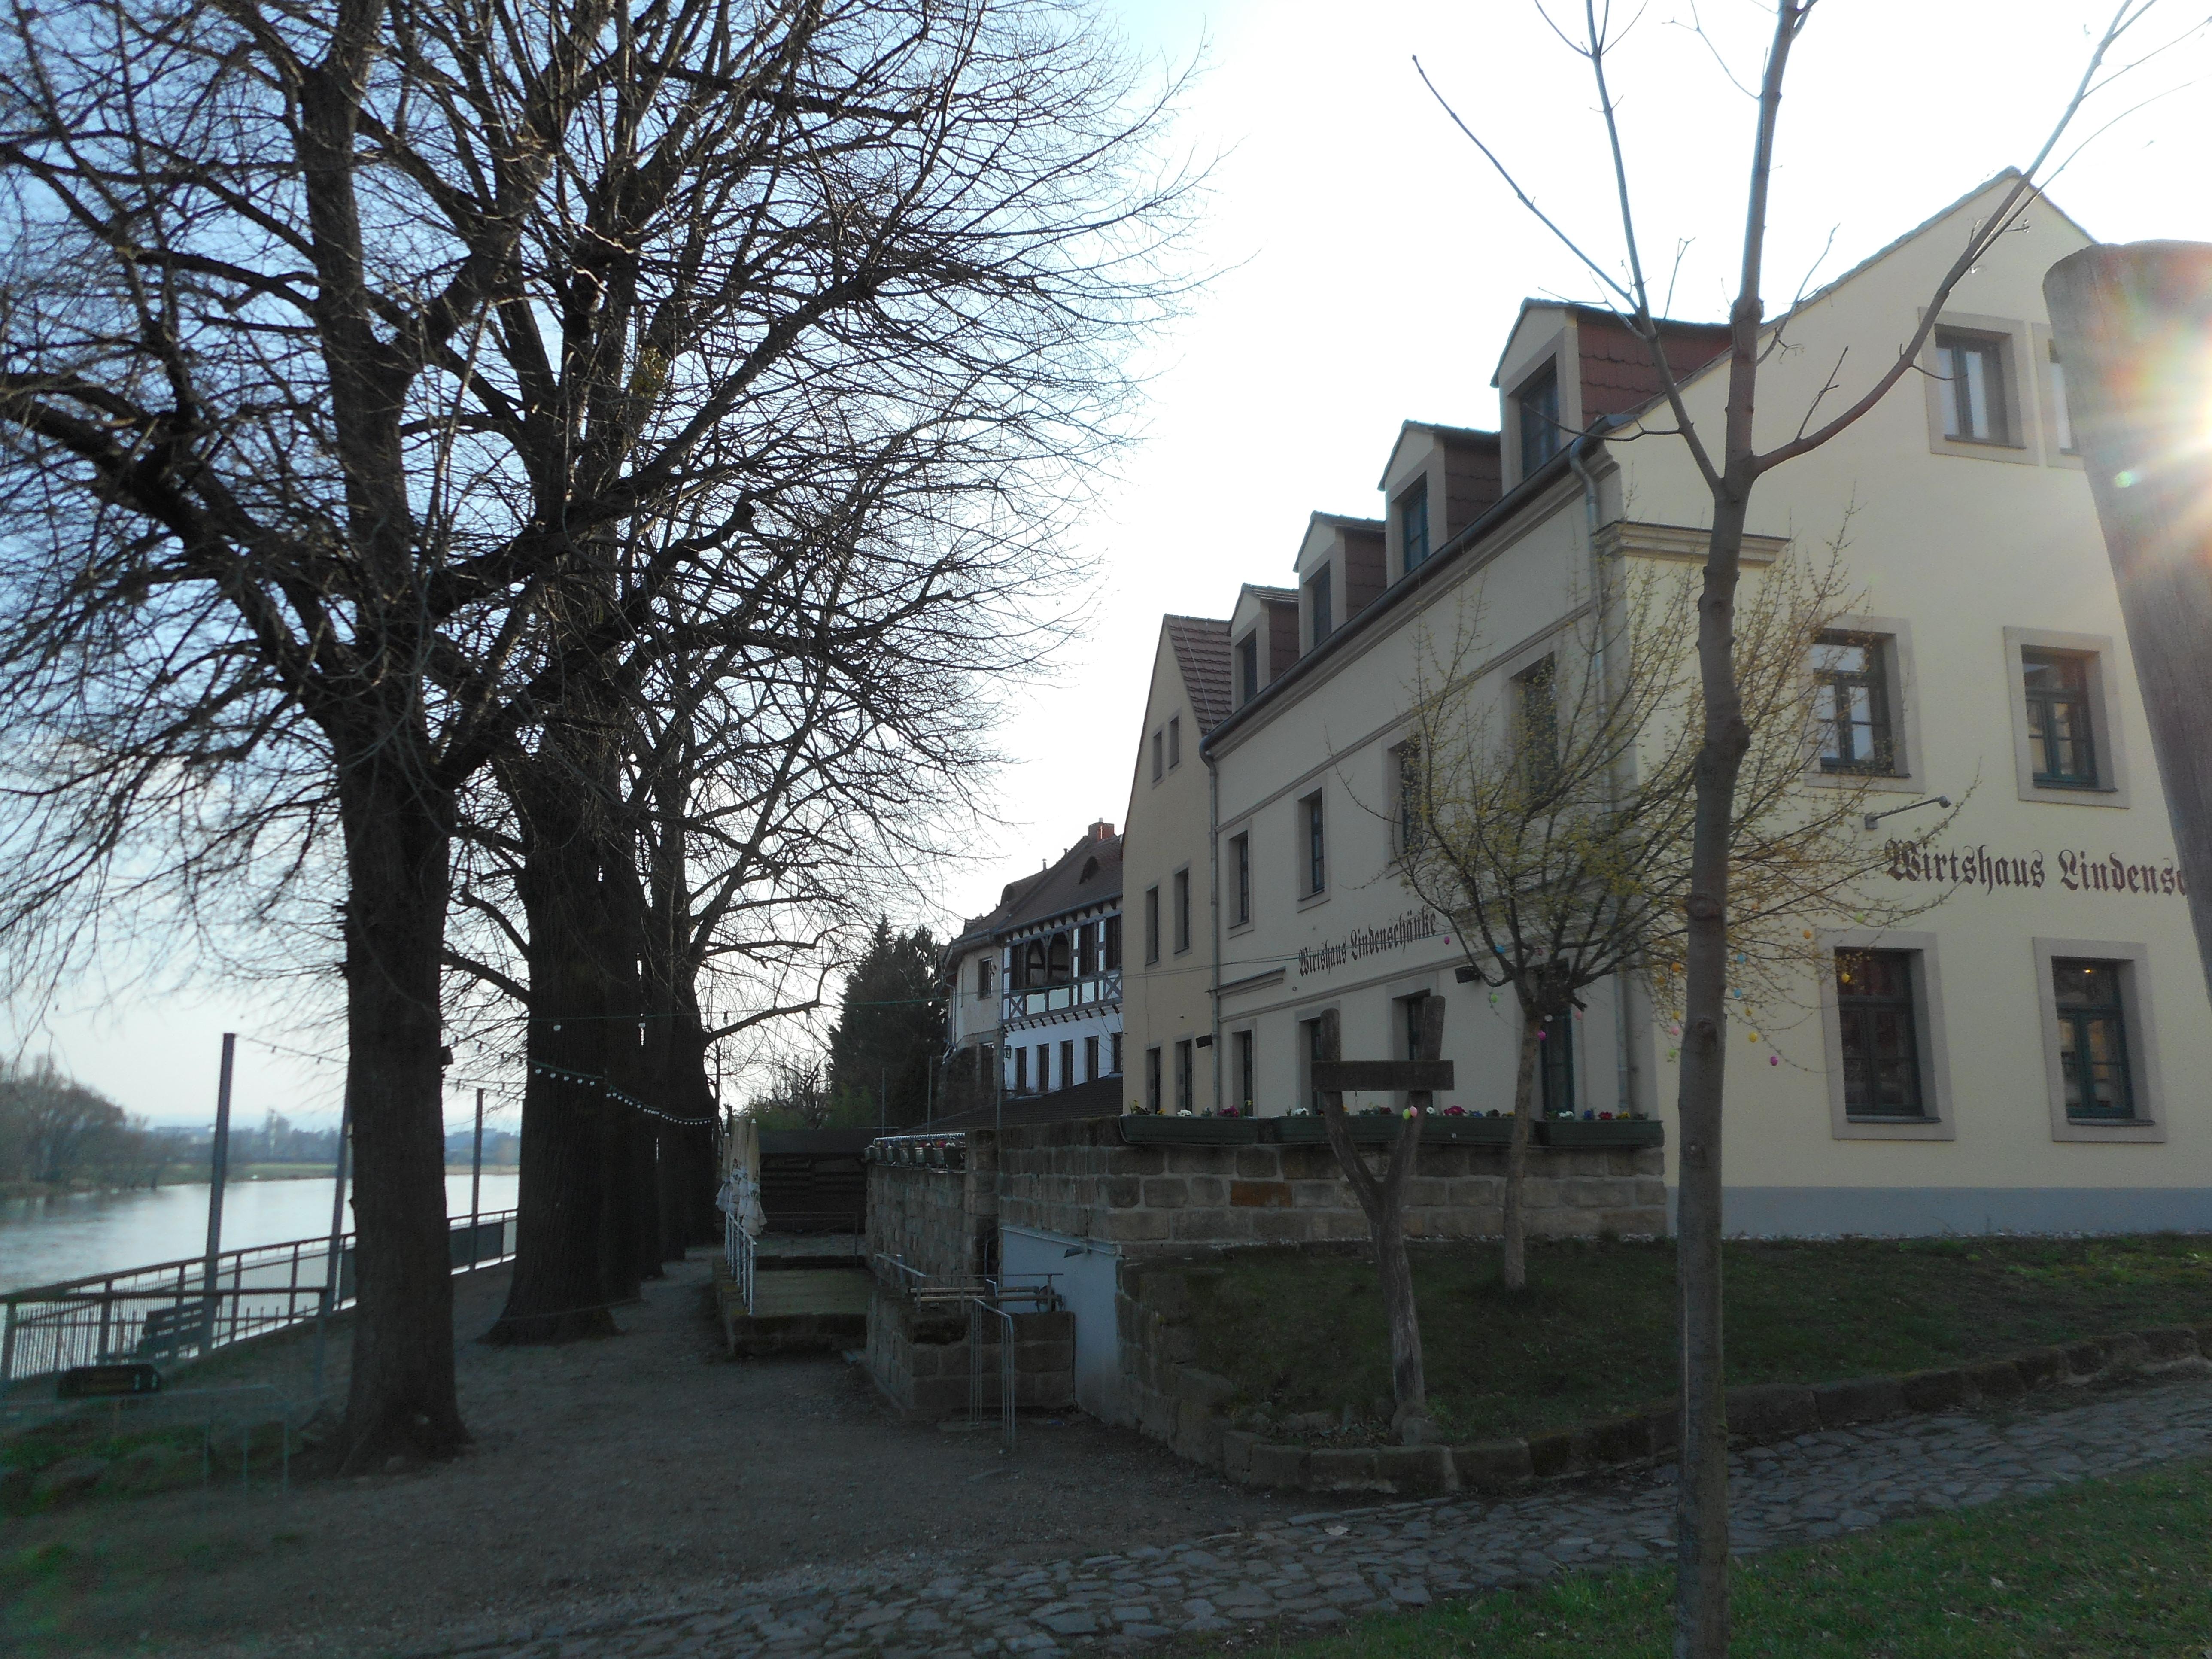 Datei:Lindenschänke3.JPG – Wikipedia